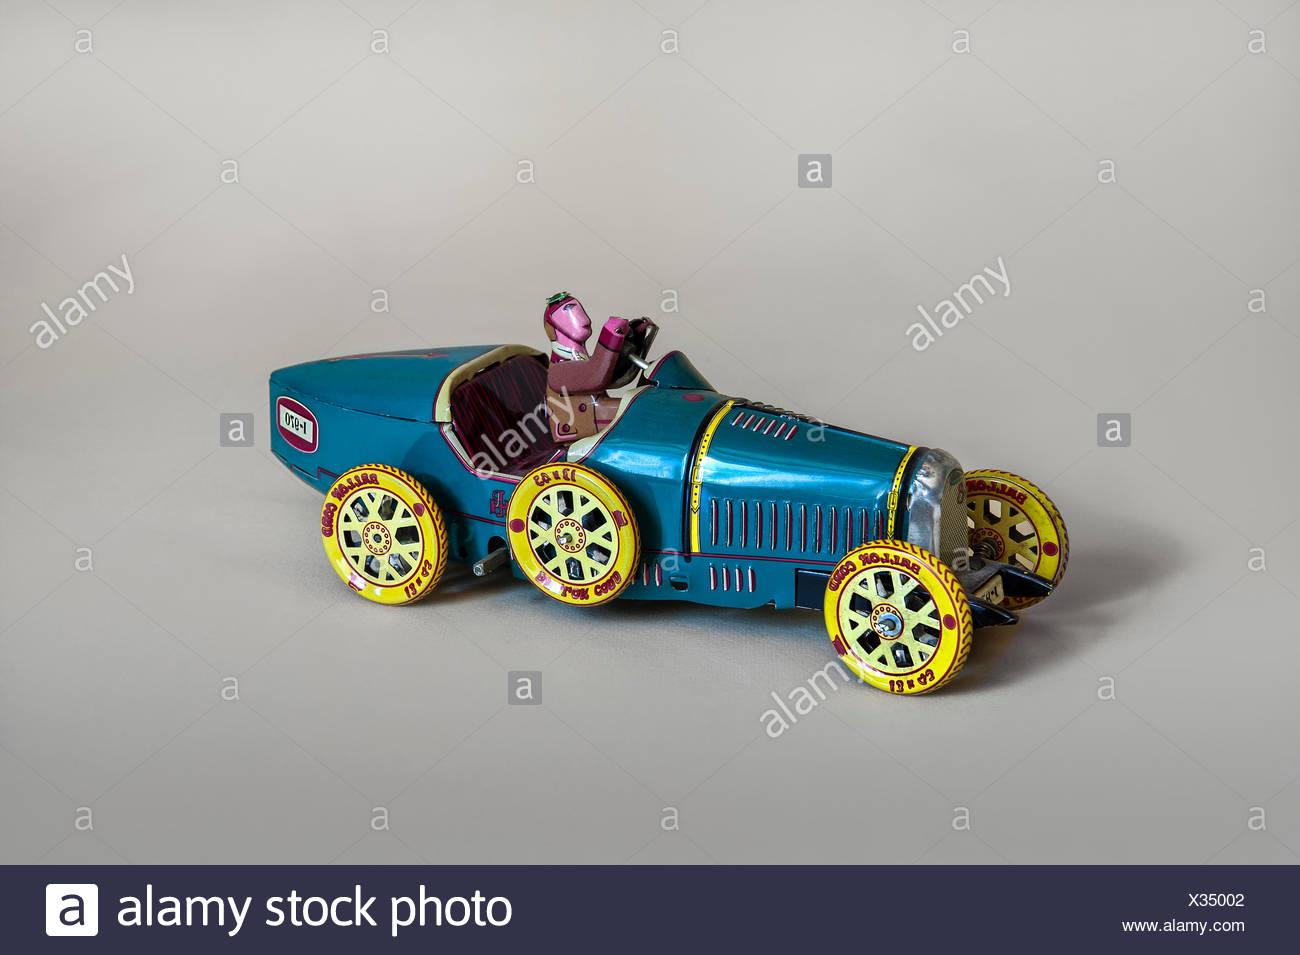 Blechspielzeug Blechspielzeug Rennwagen mit Fahrer